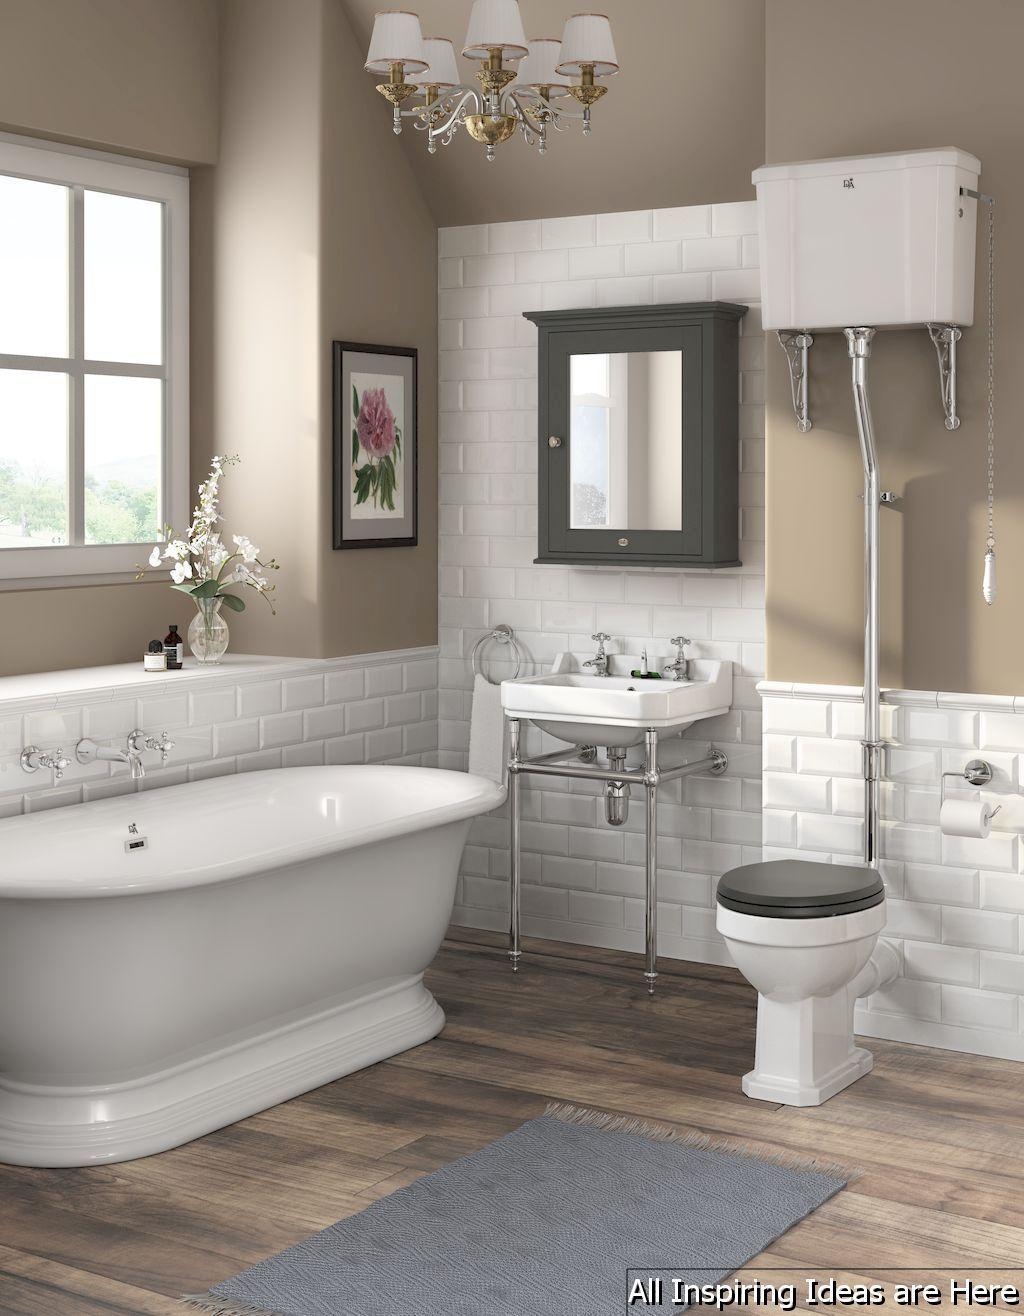 Awesome 40 Minimalist Modern Farmhouse Small Bathroom